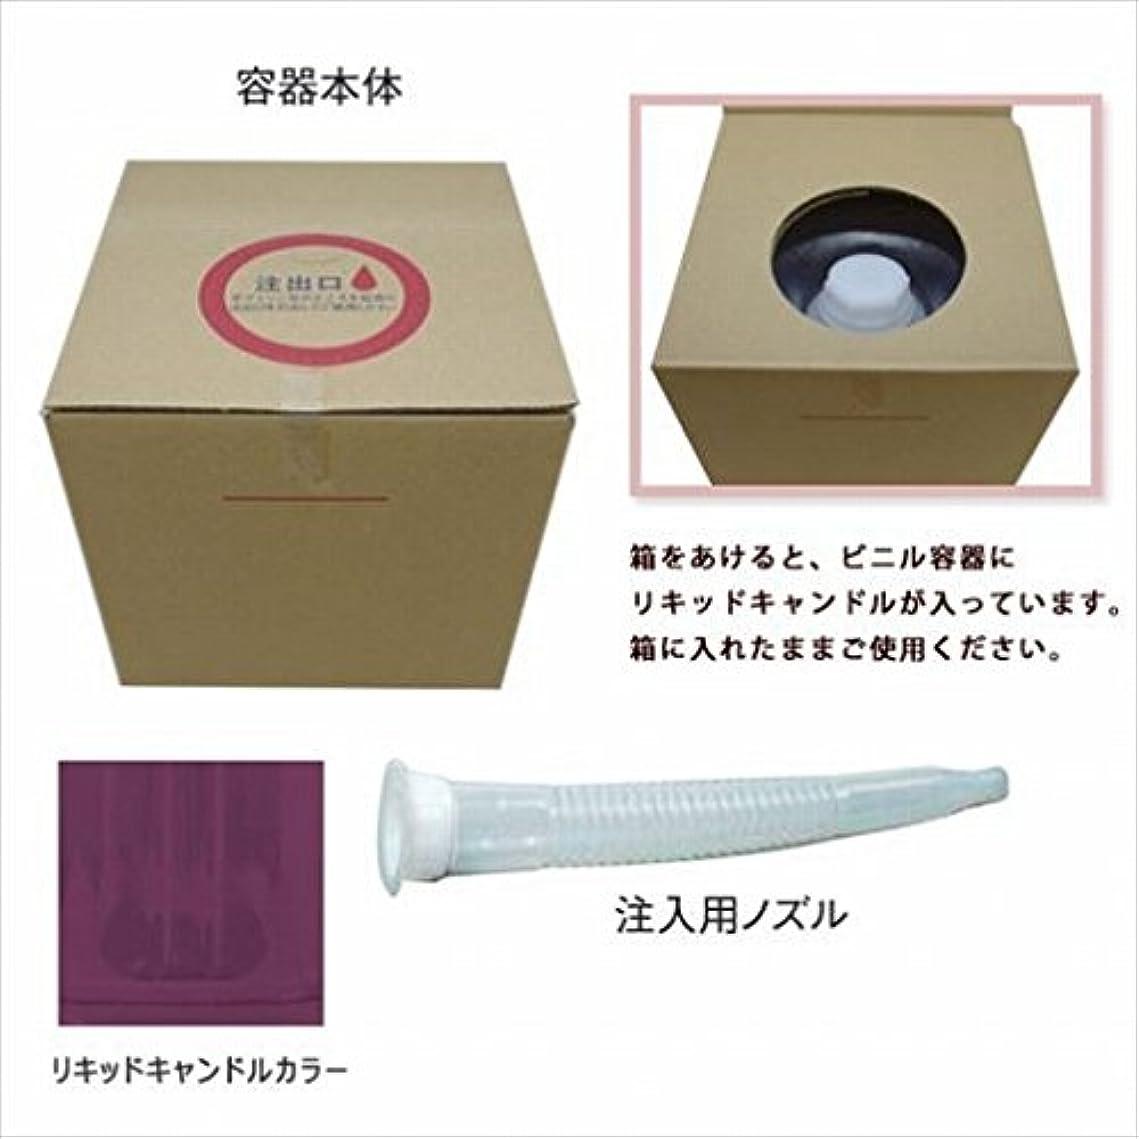 支払う補正意外カメヤマキャンドル(kameyama candle) リキッドキャンドル5リットル 「 バイオレット 」